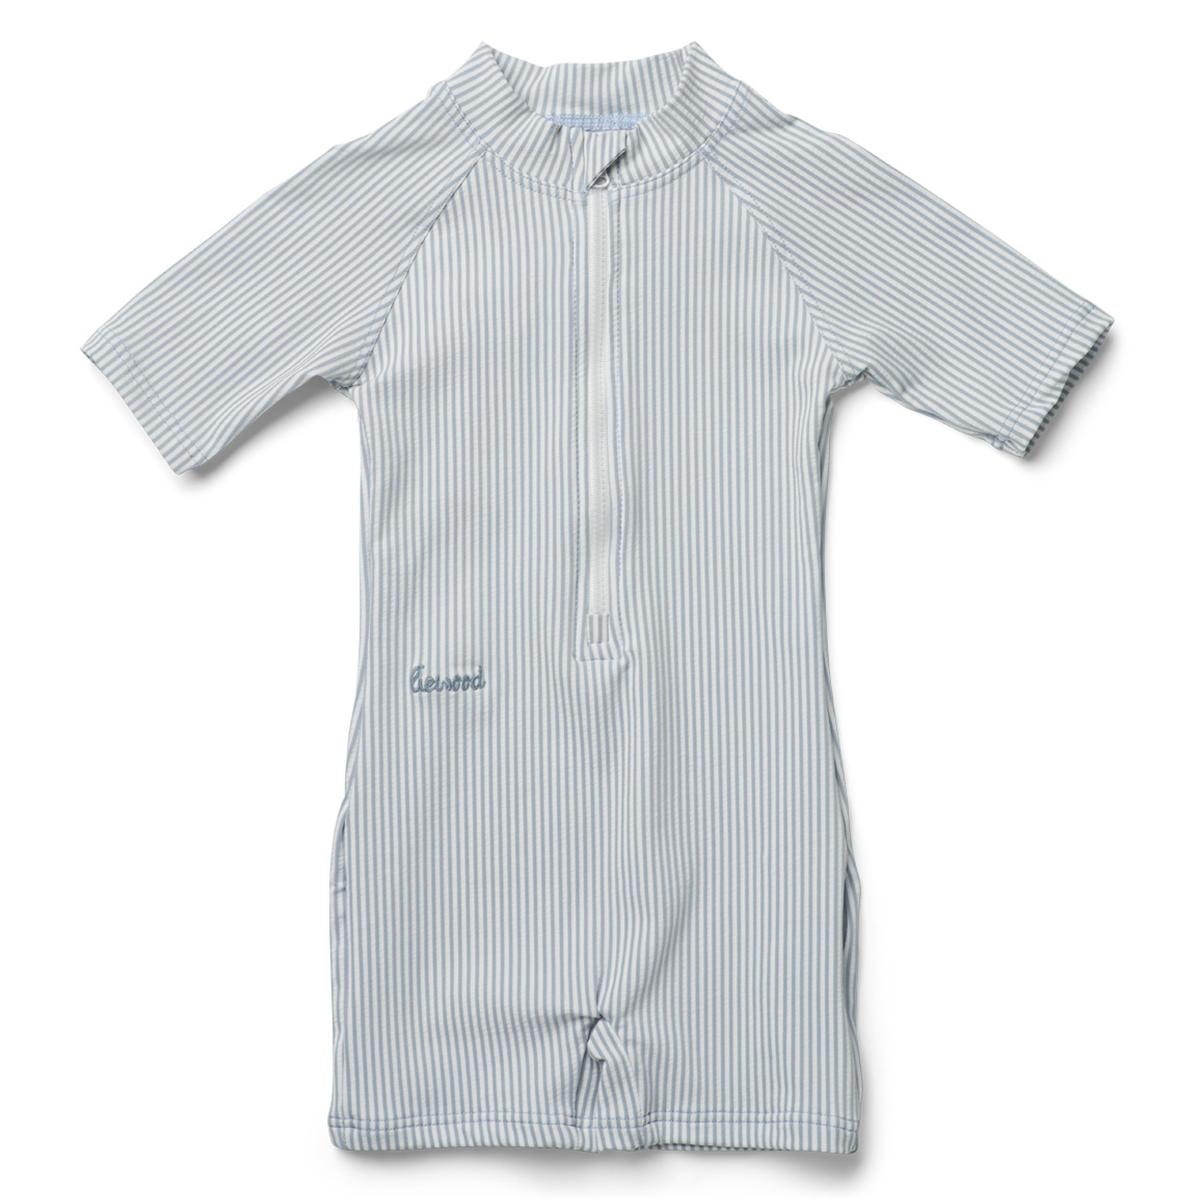 Accessoires bébé Combishort de Bain Max Sea Blue & White - 9/12 Mois Combishort de Bain Max Sea Blue & White - 9/12 Mois